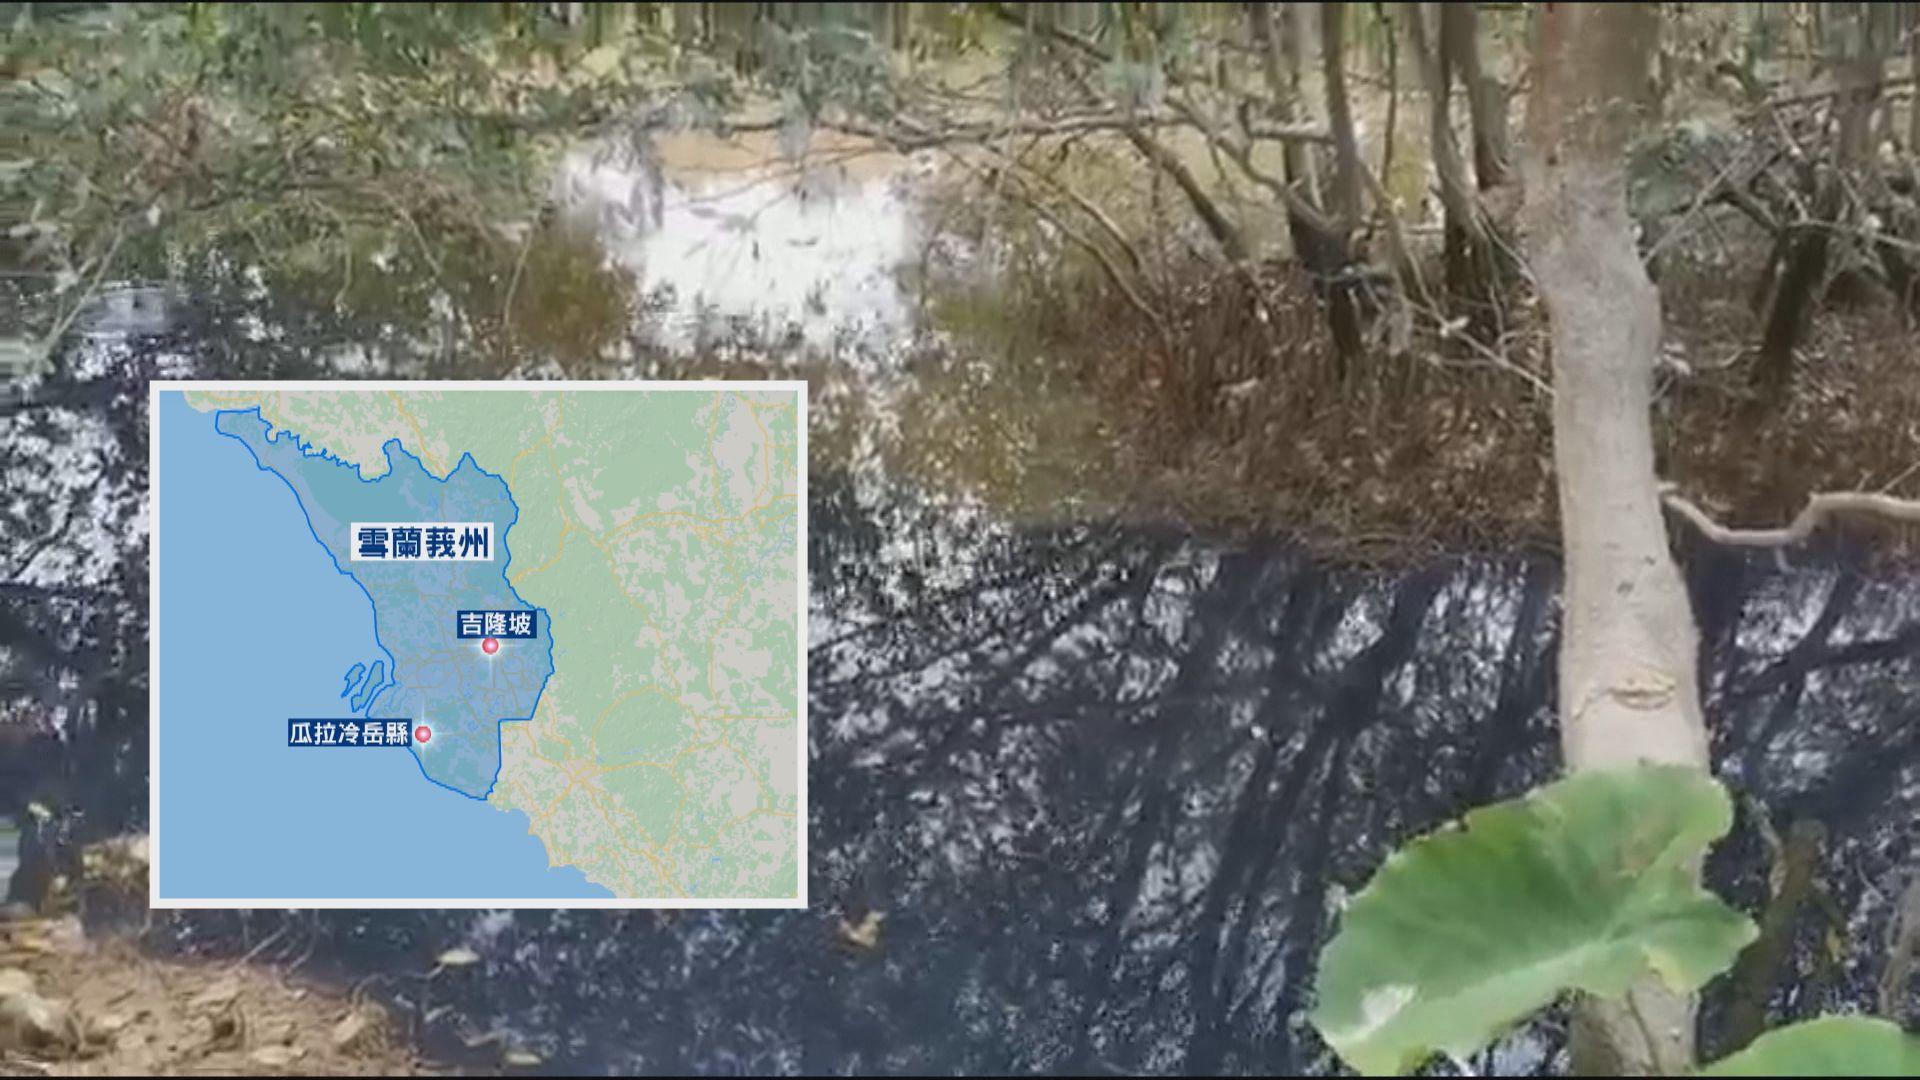 【本台調查】港資公司馬來西亞設廠 疑排放污水影響民居